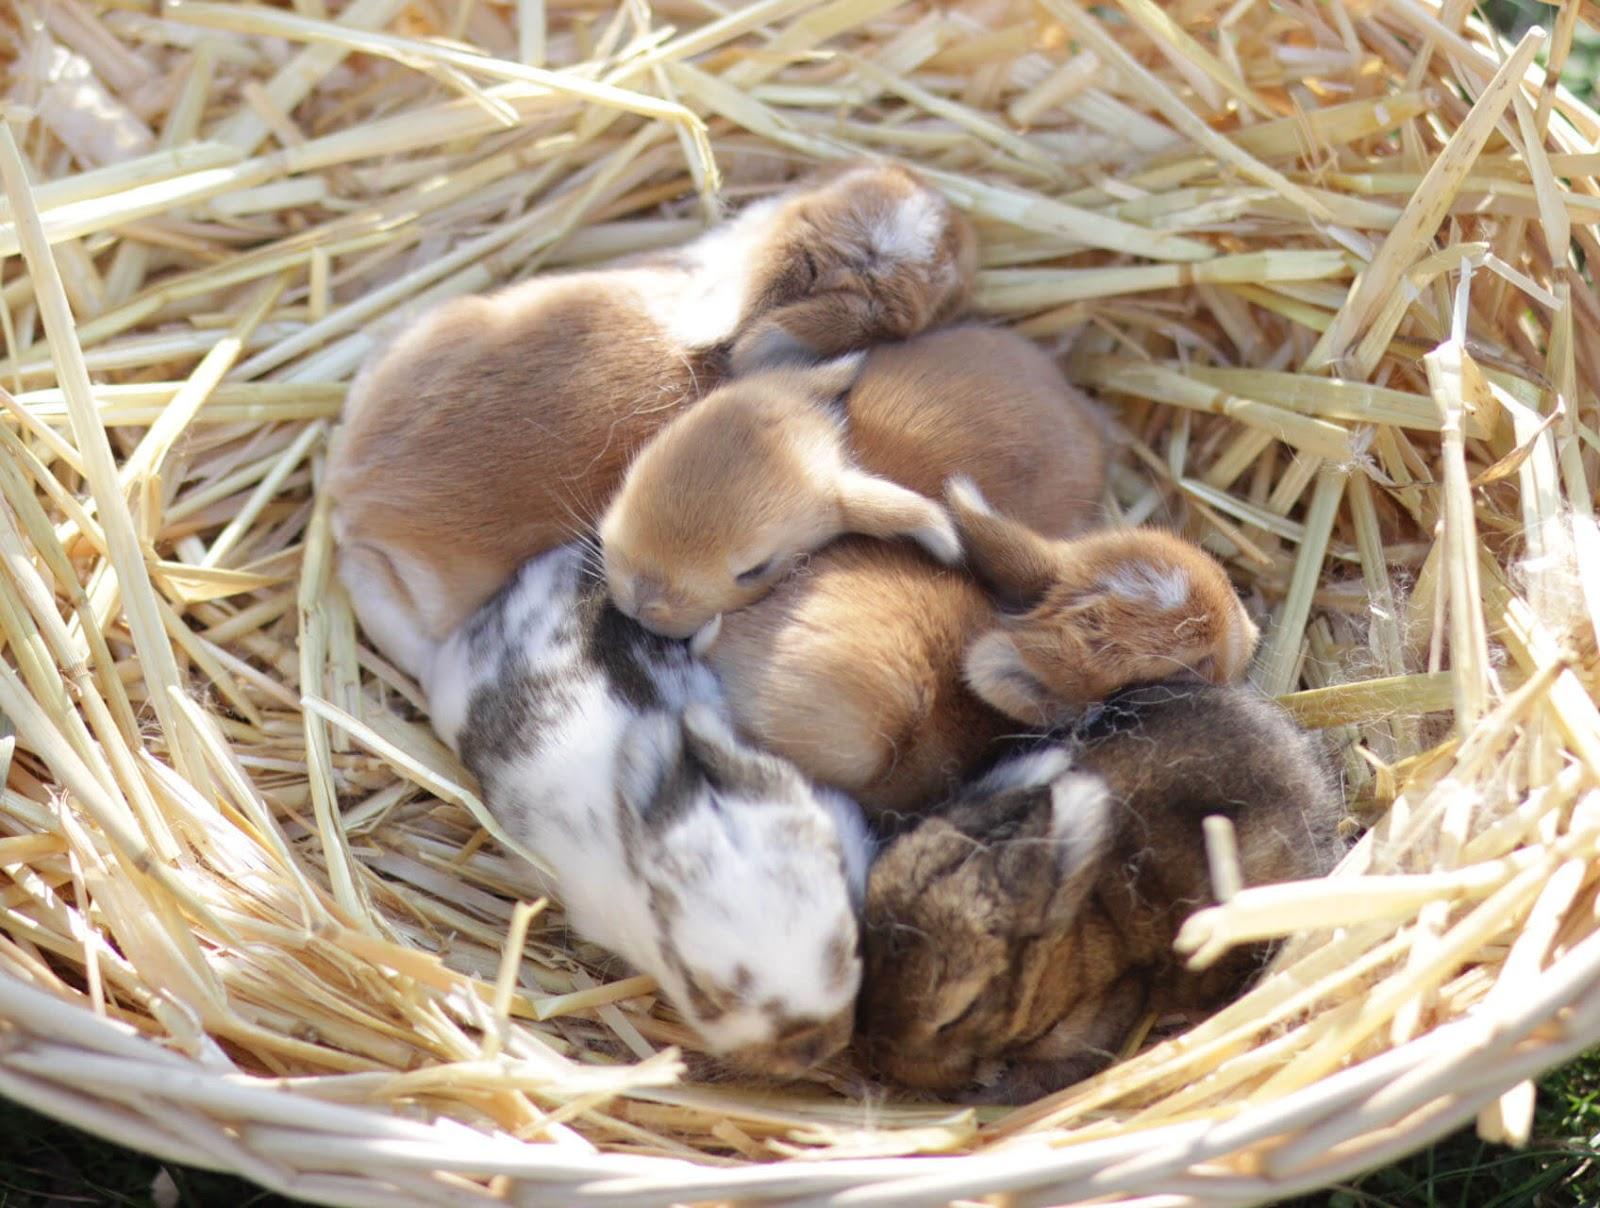 kaninchen perfect impfung beim kaninchen fr ein langes. Black Bedroom Furniture Sets. Home Design Ideas